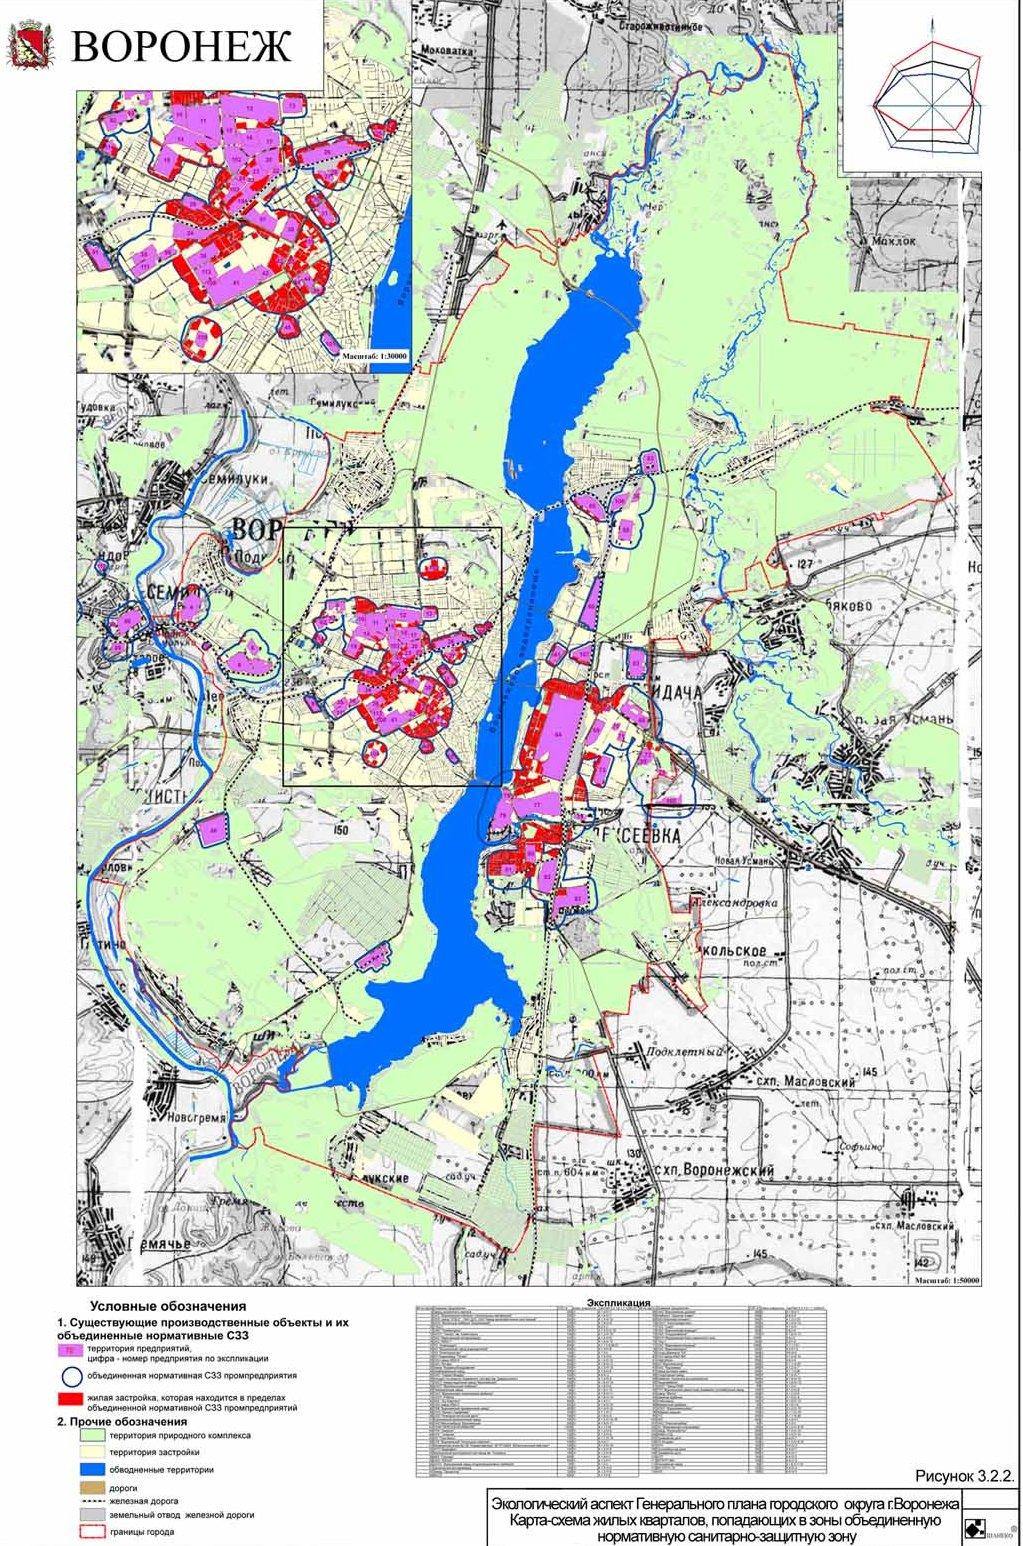 Карта-схема жилых кварталов, попавших в зоны объединенную нормативную санитарно-защитную зону